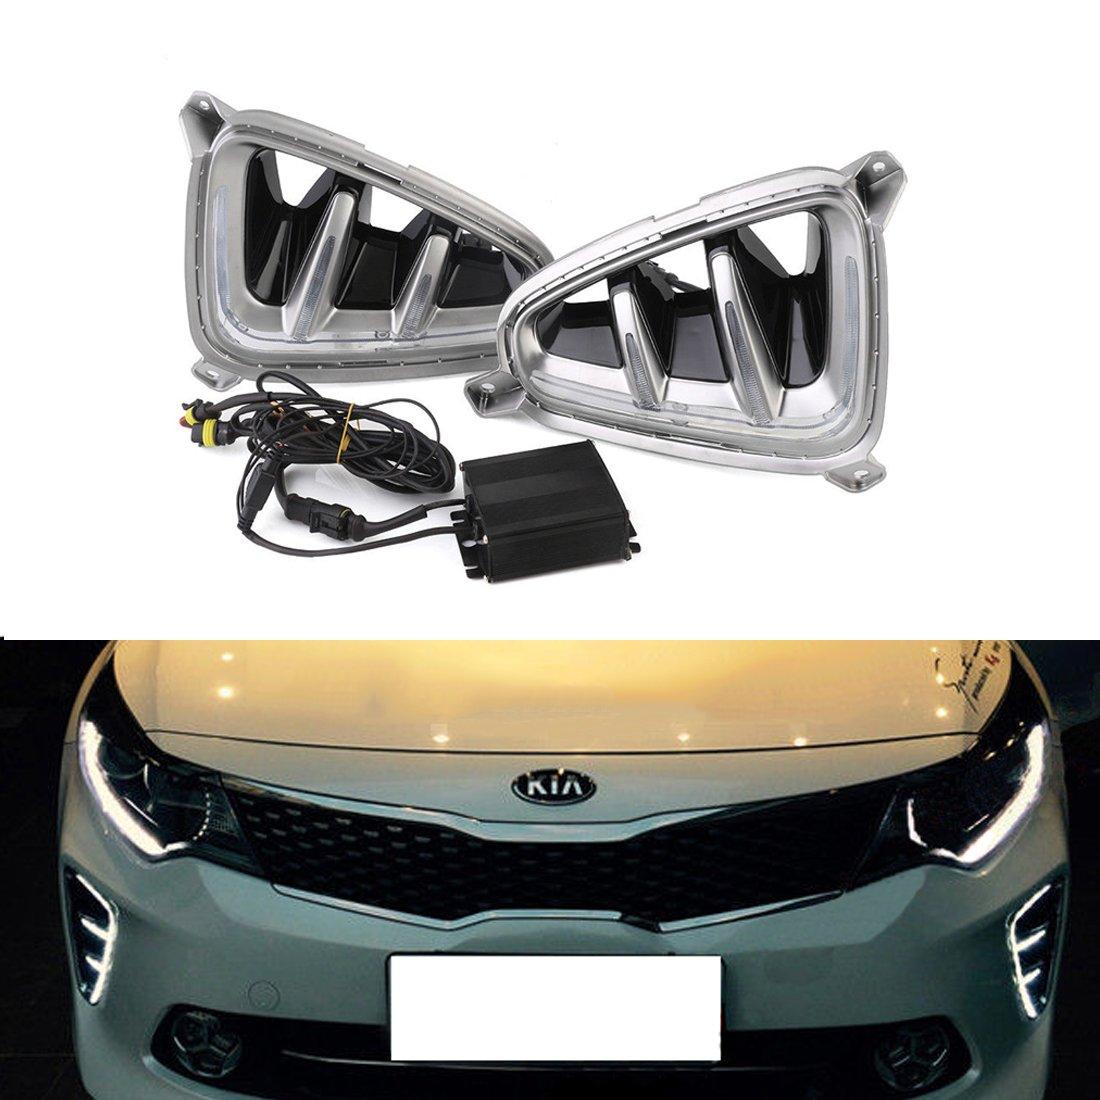 Get Quotations Vakabva Drl For Kia K5 Optima 2016 2017 White Led Daytime Running Light Fog Lamp Set